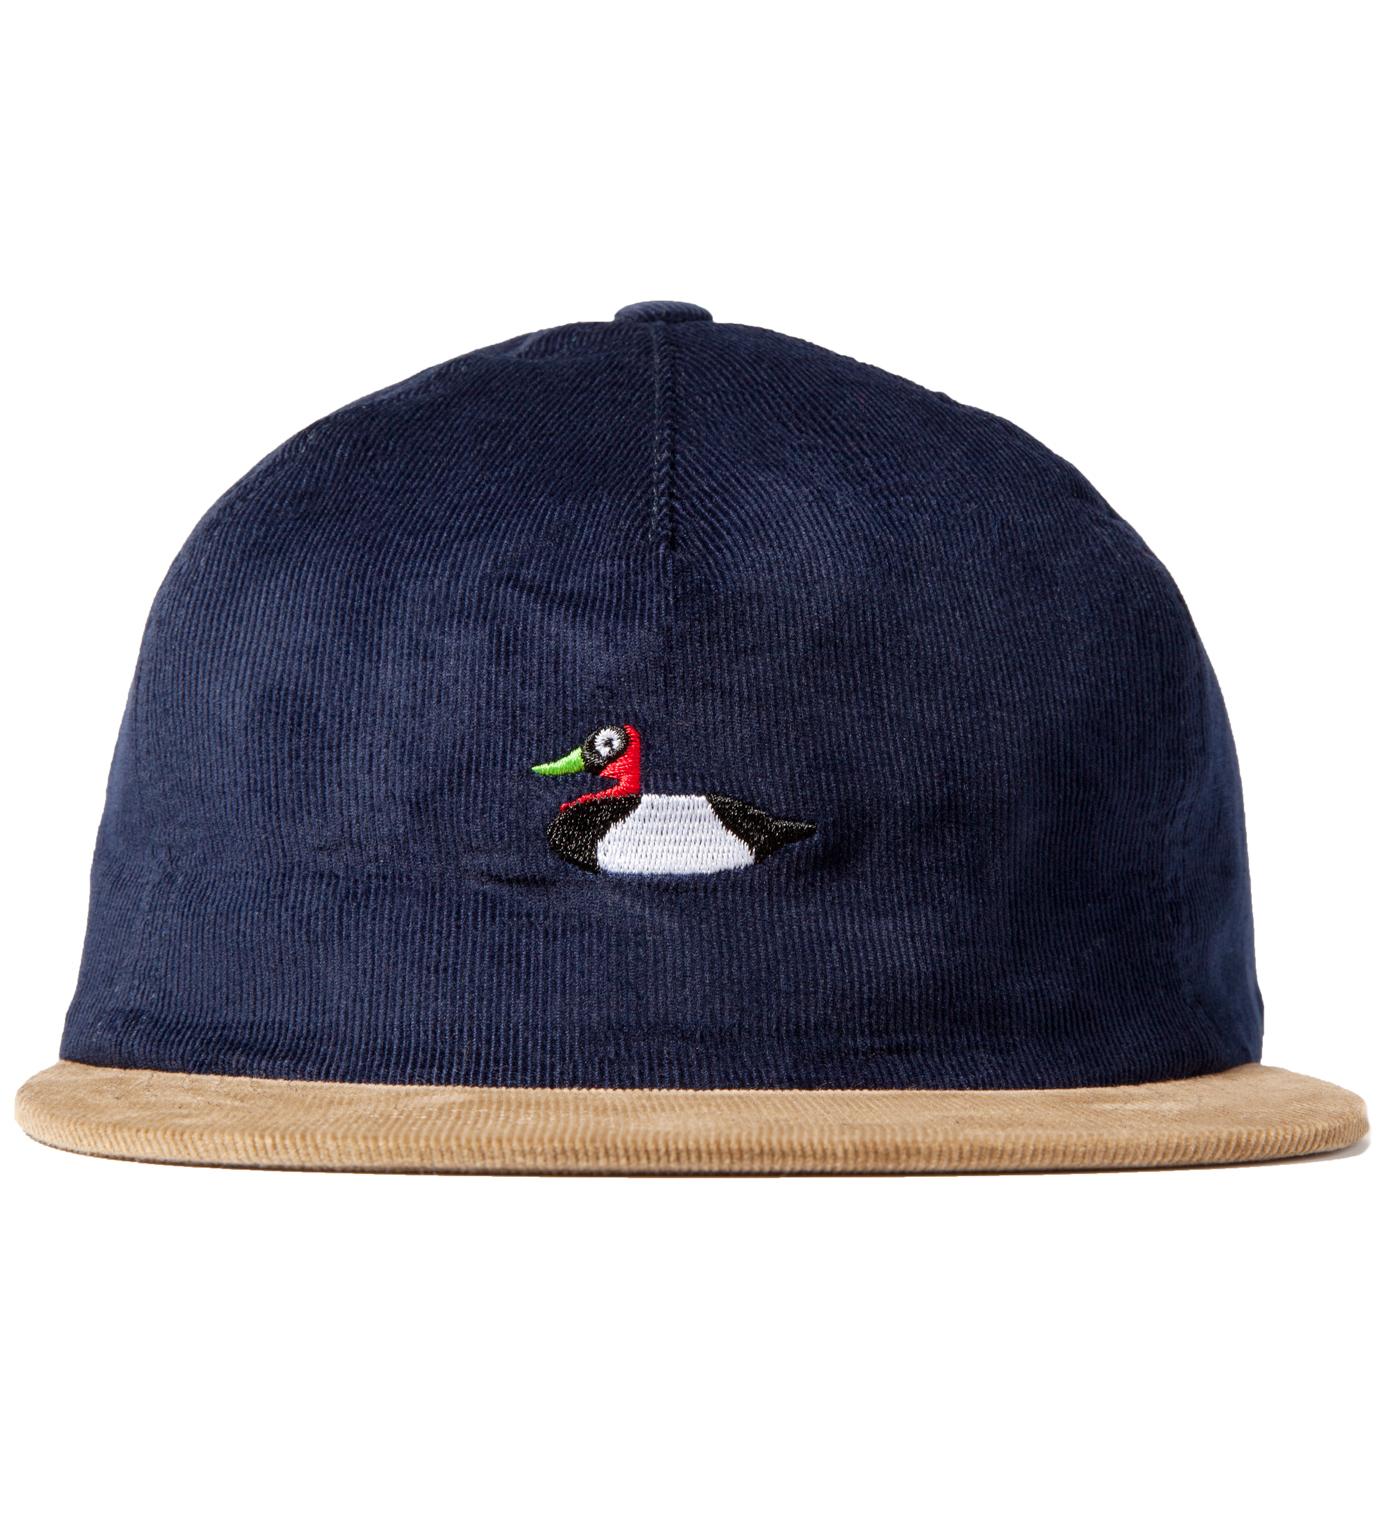 ONLY NY Navy/Khaki Decoy Duck Polo Hat